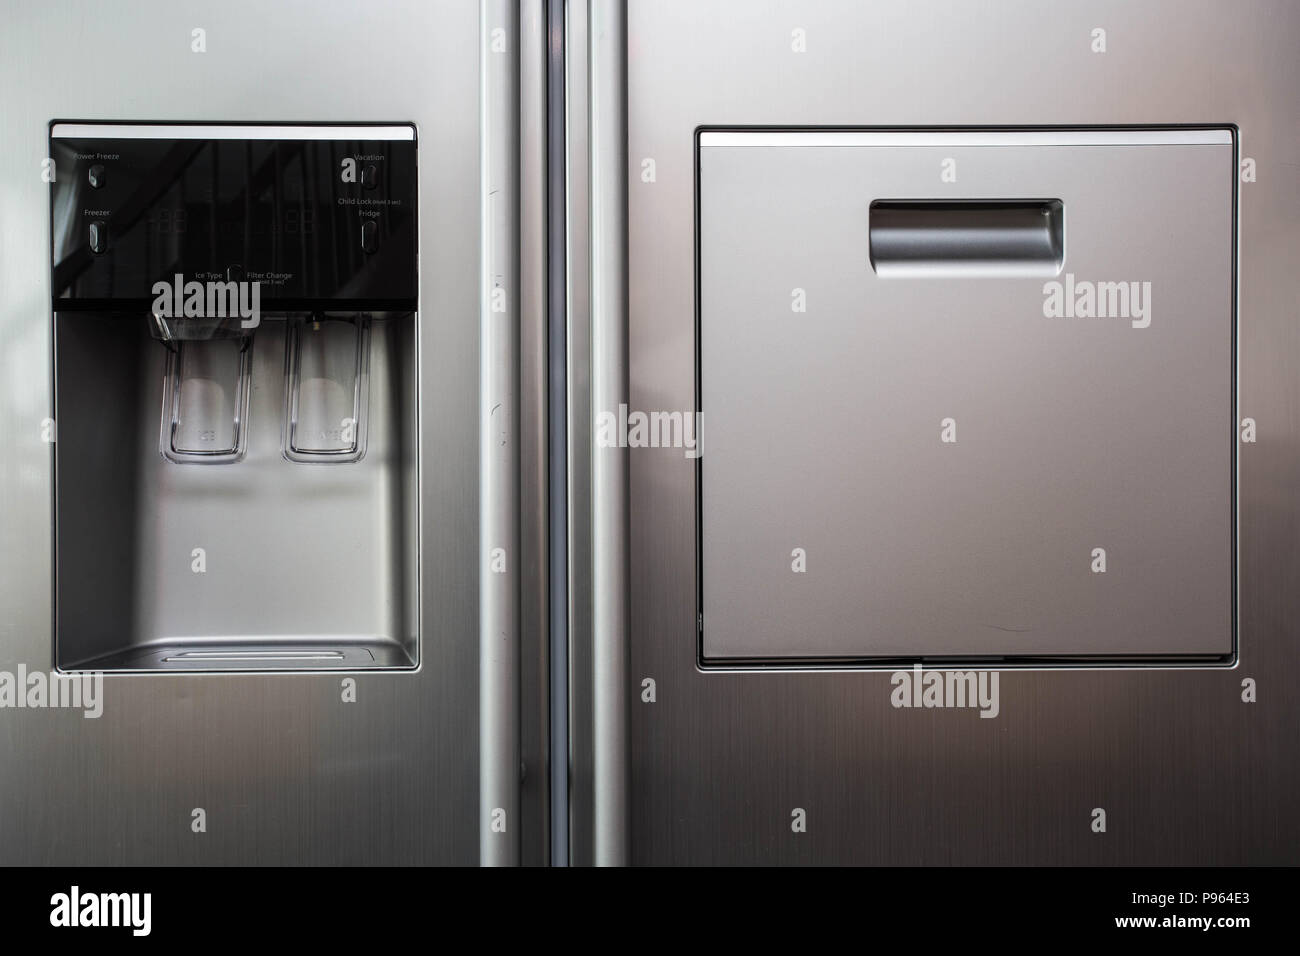 Kühlschrank Wasserspender : Kühlschrank eis und wasserspender moderne front design stockfoto